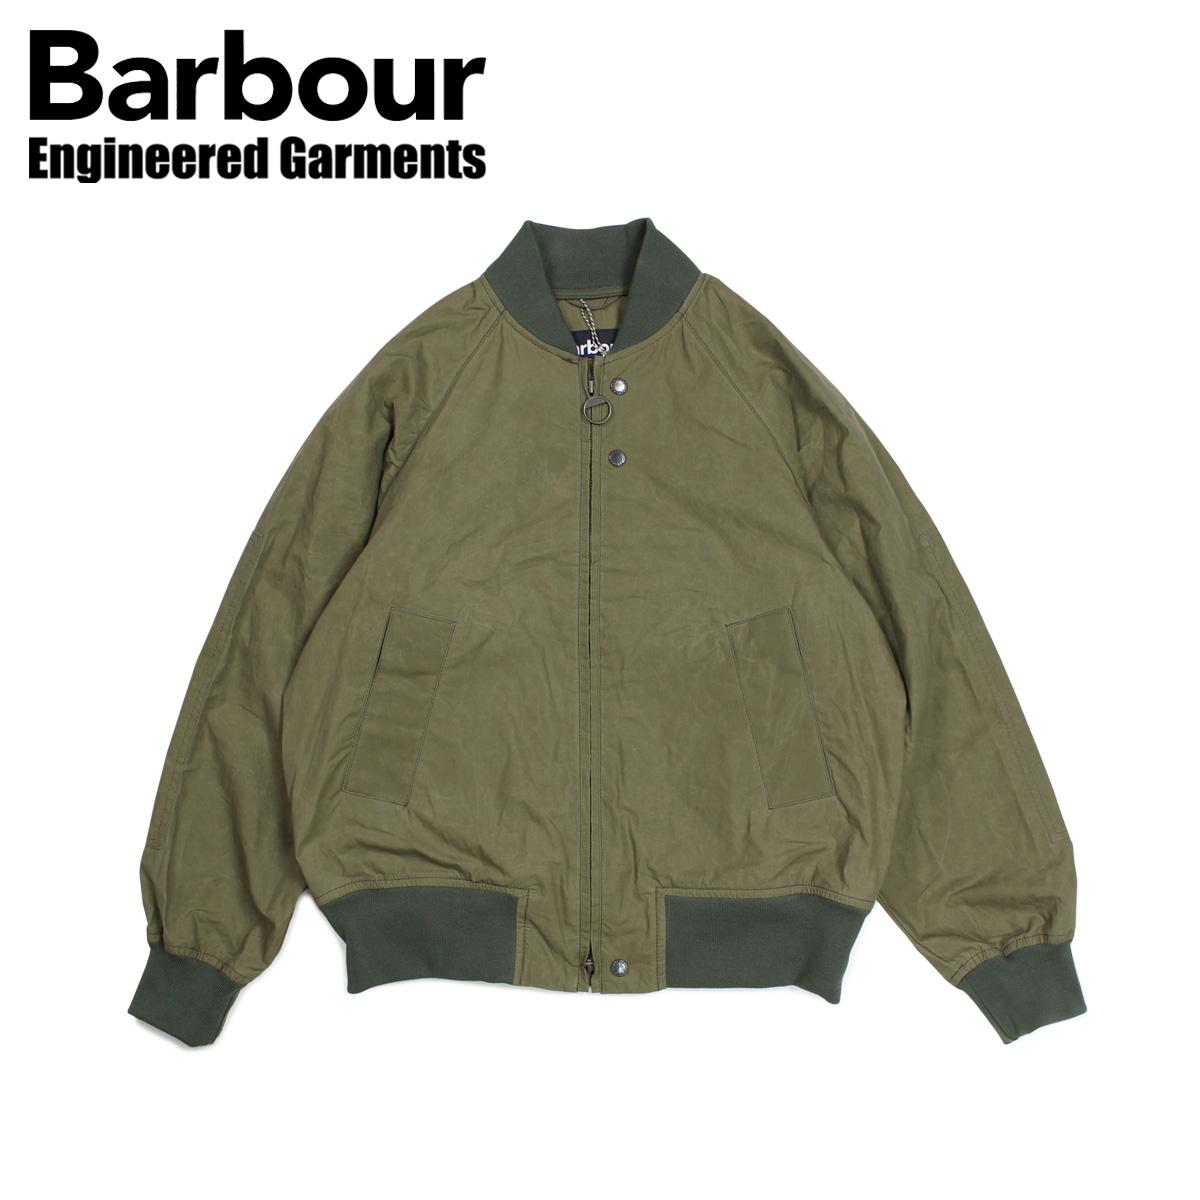 Barbour バブアー エンジニアドガーメンツ ENGINEERED GARMENTS ジャケット ボンバージャケット メンズ アービングジャケット IRVING JACKET コラボ カーキ MCA0598GN31